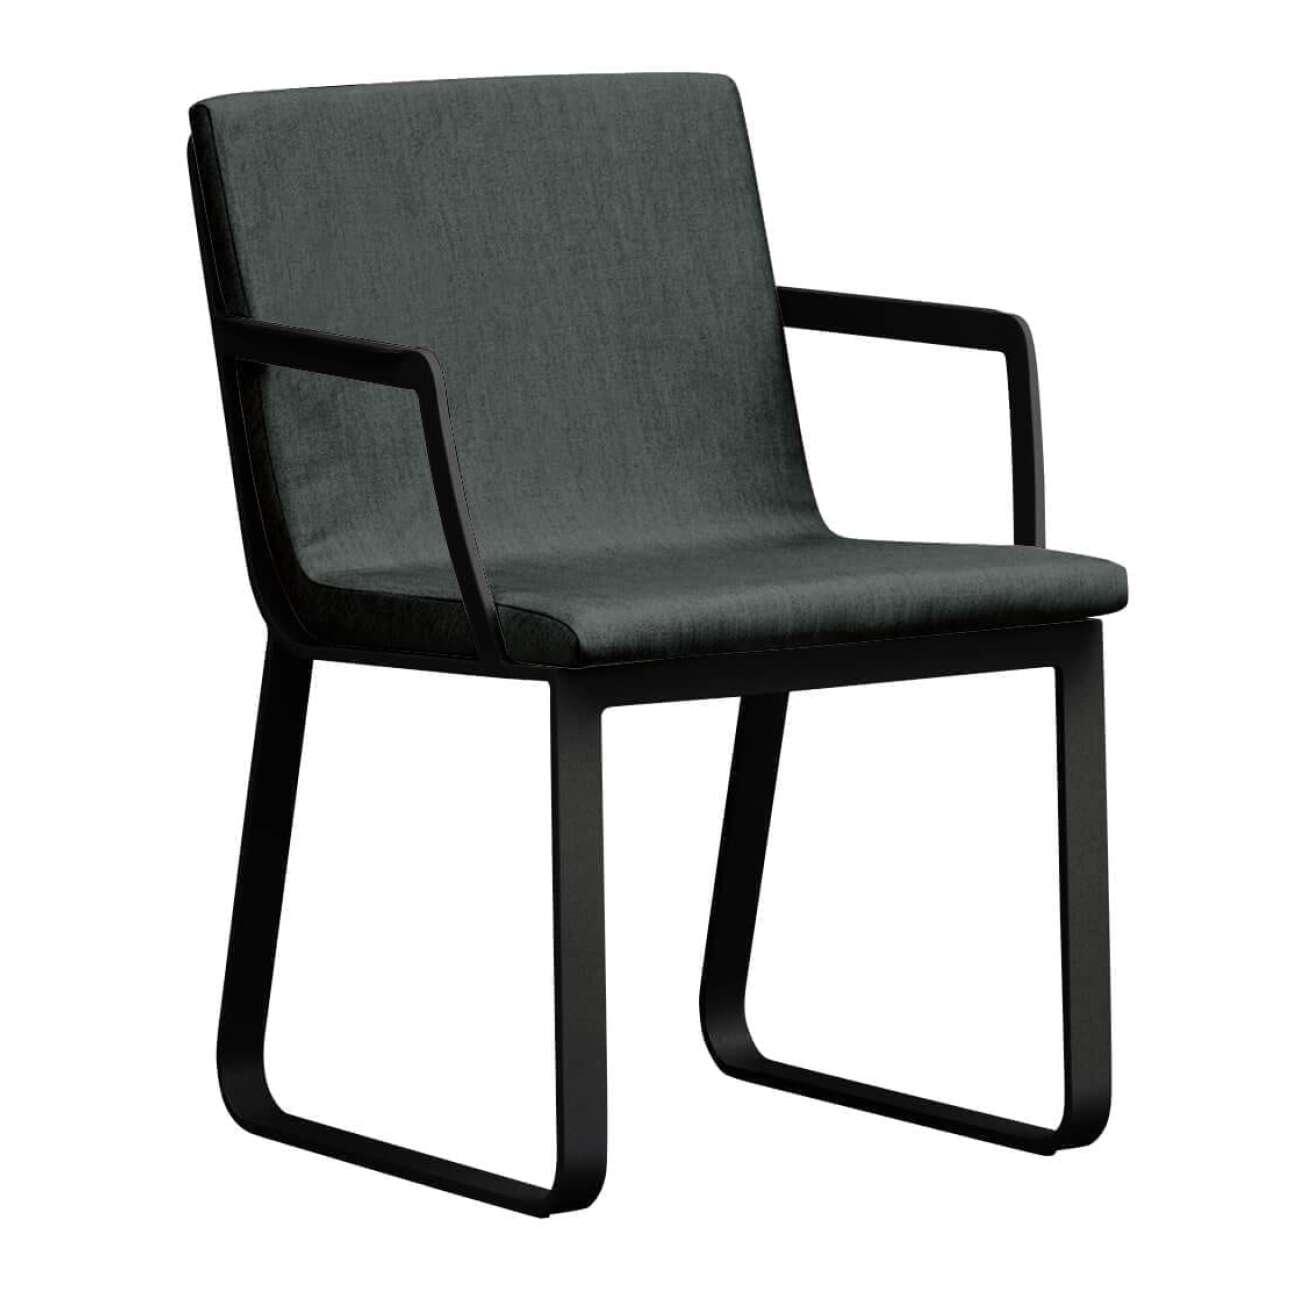 Stol i sortlakket aluminium med sete i grå tekstil med armlene